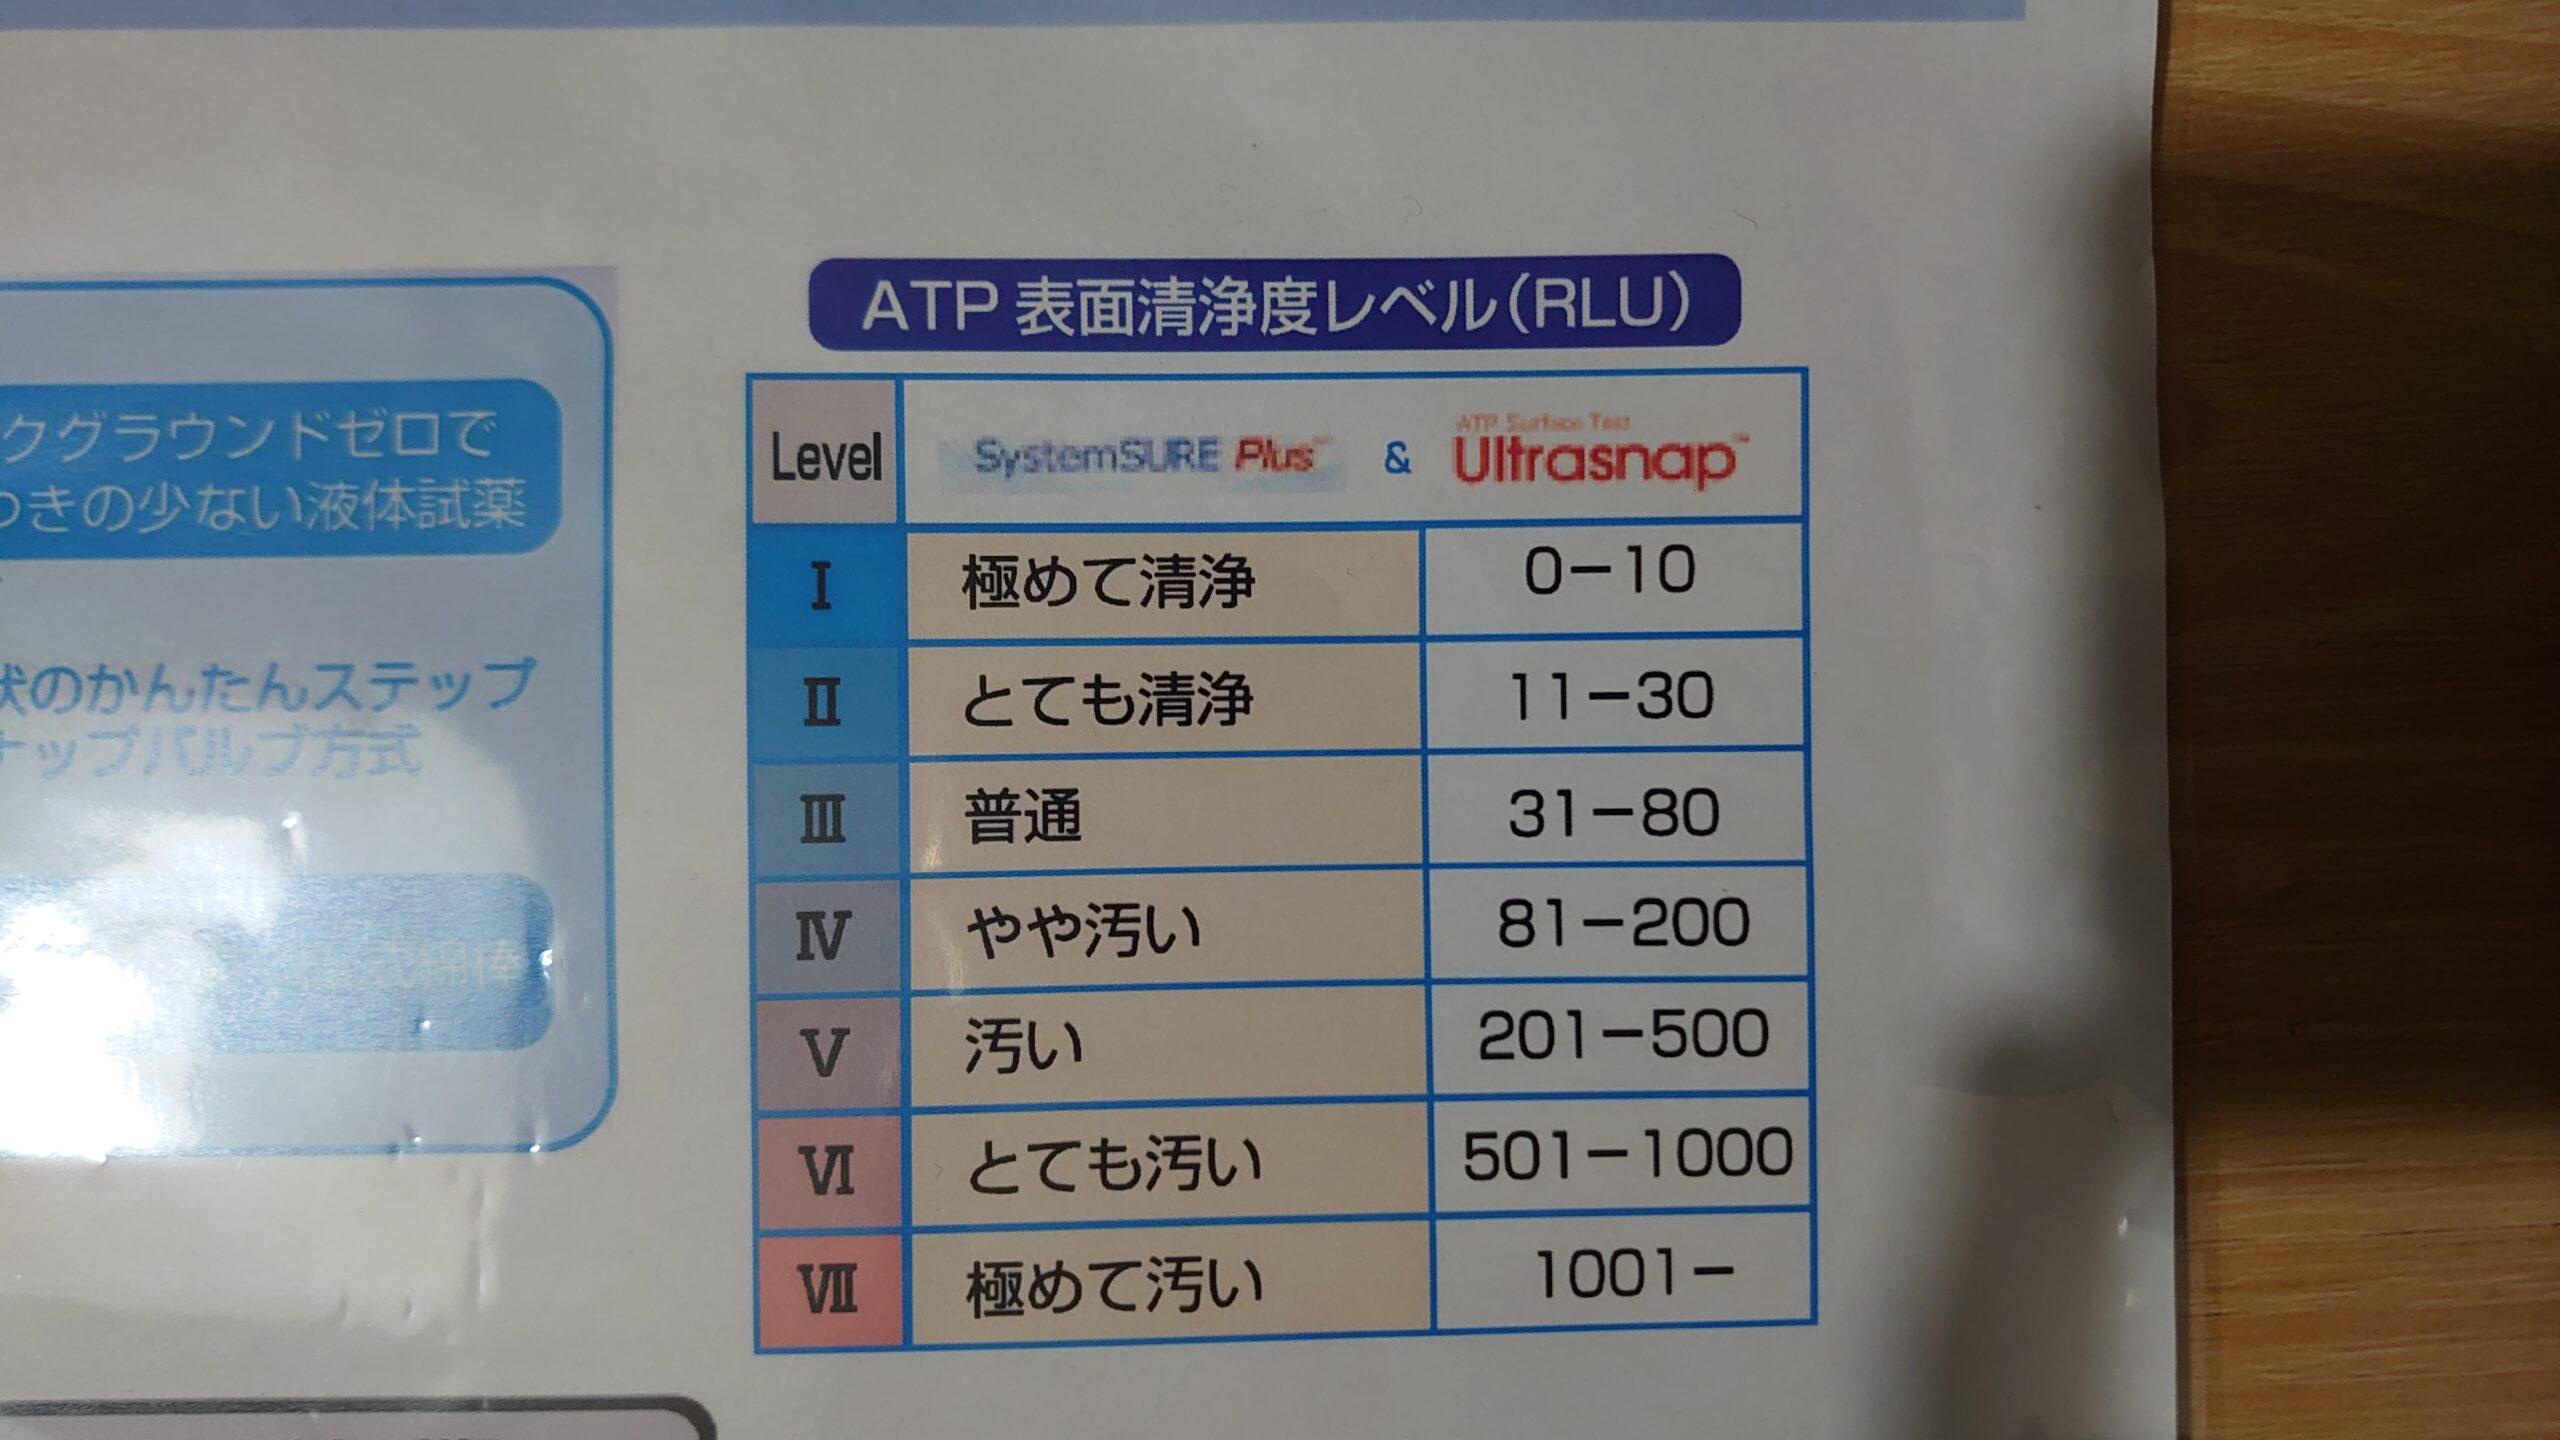 ATPの量による汚染レベル